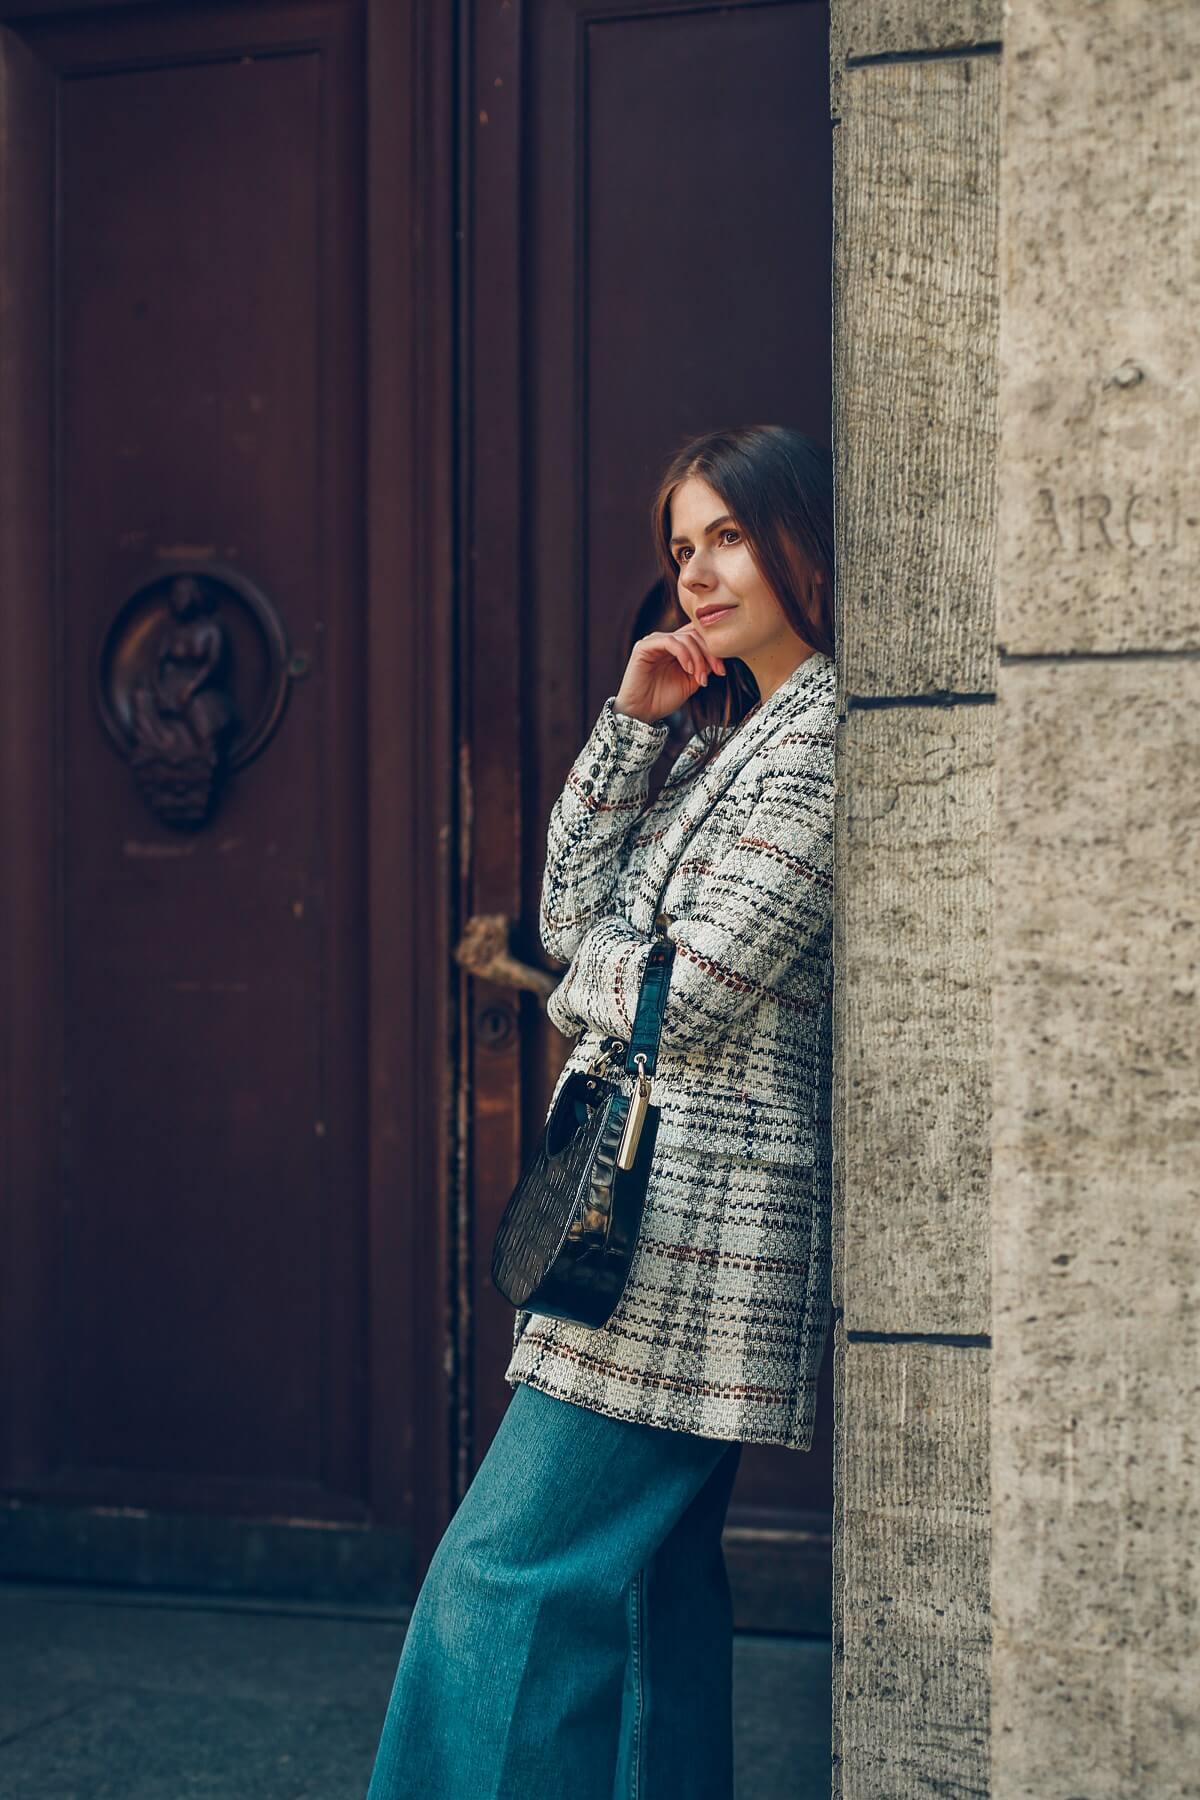 Stylizacja Forum Gdańsk Zara & Other Stories